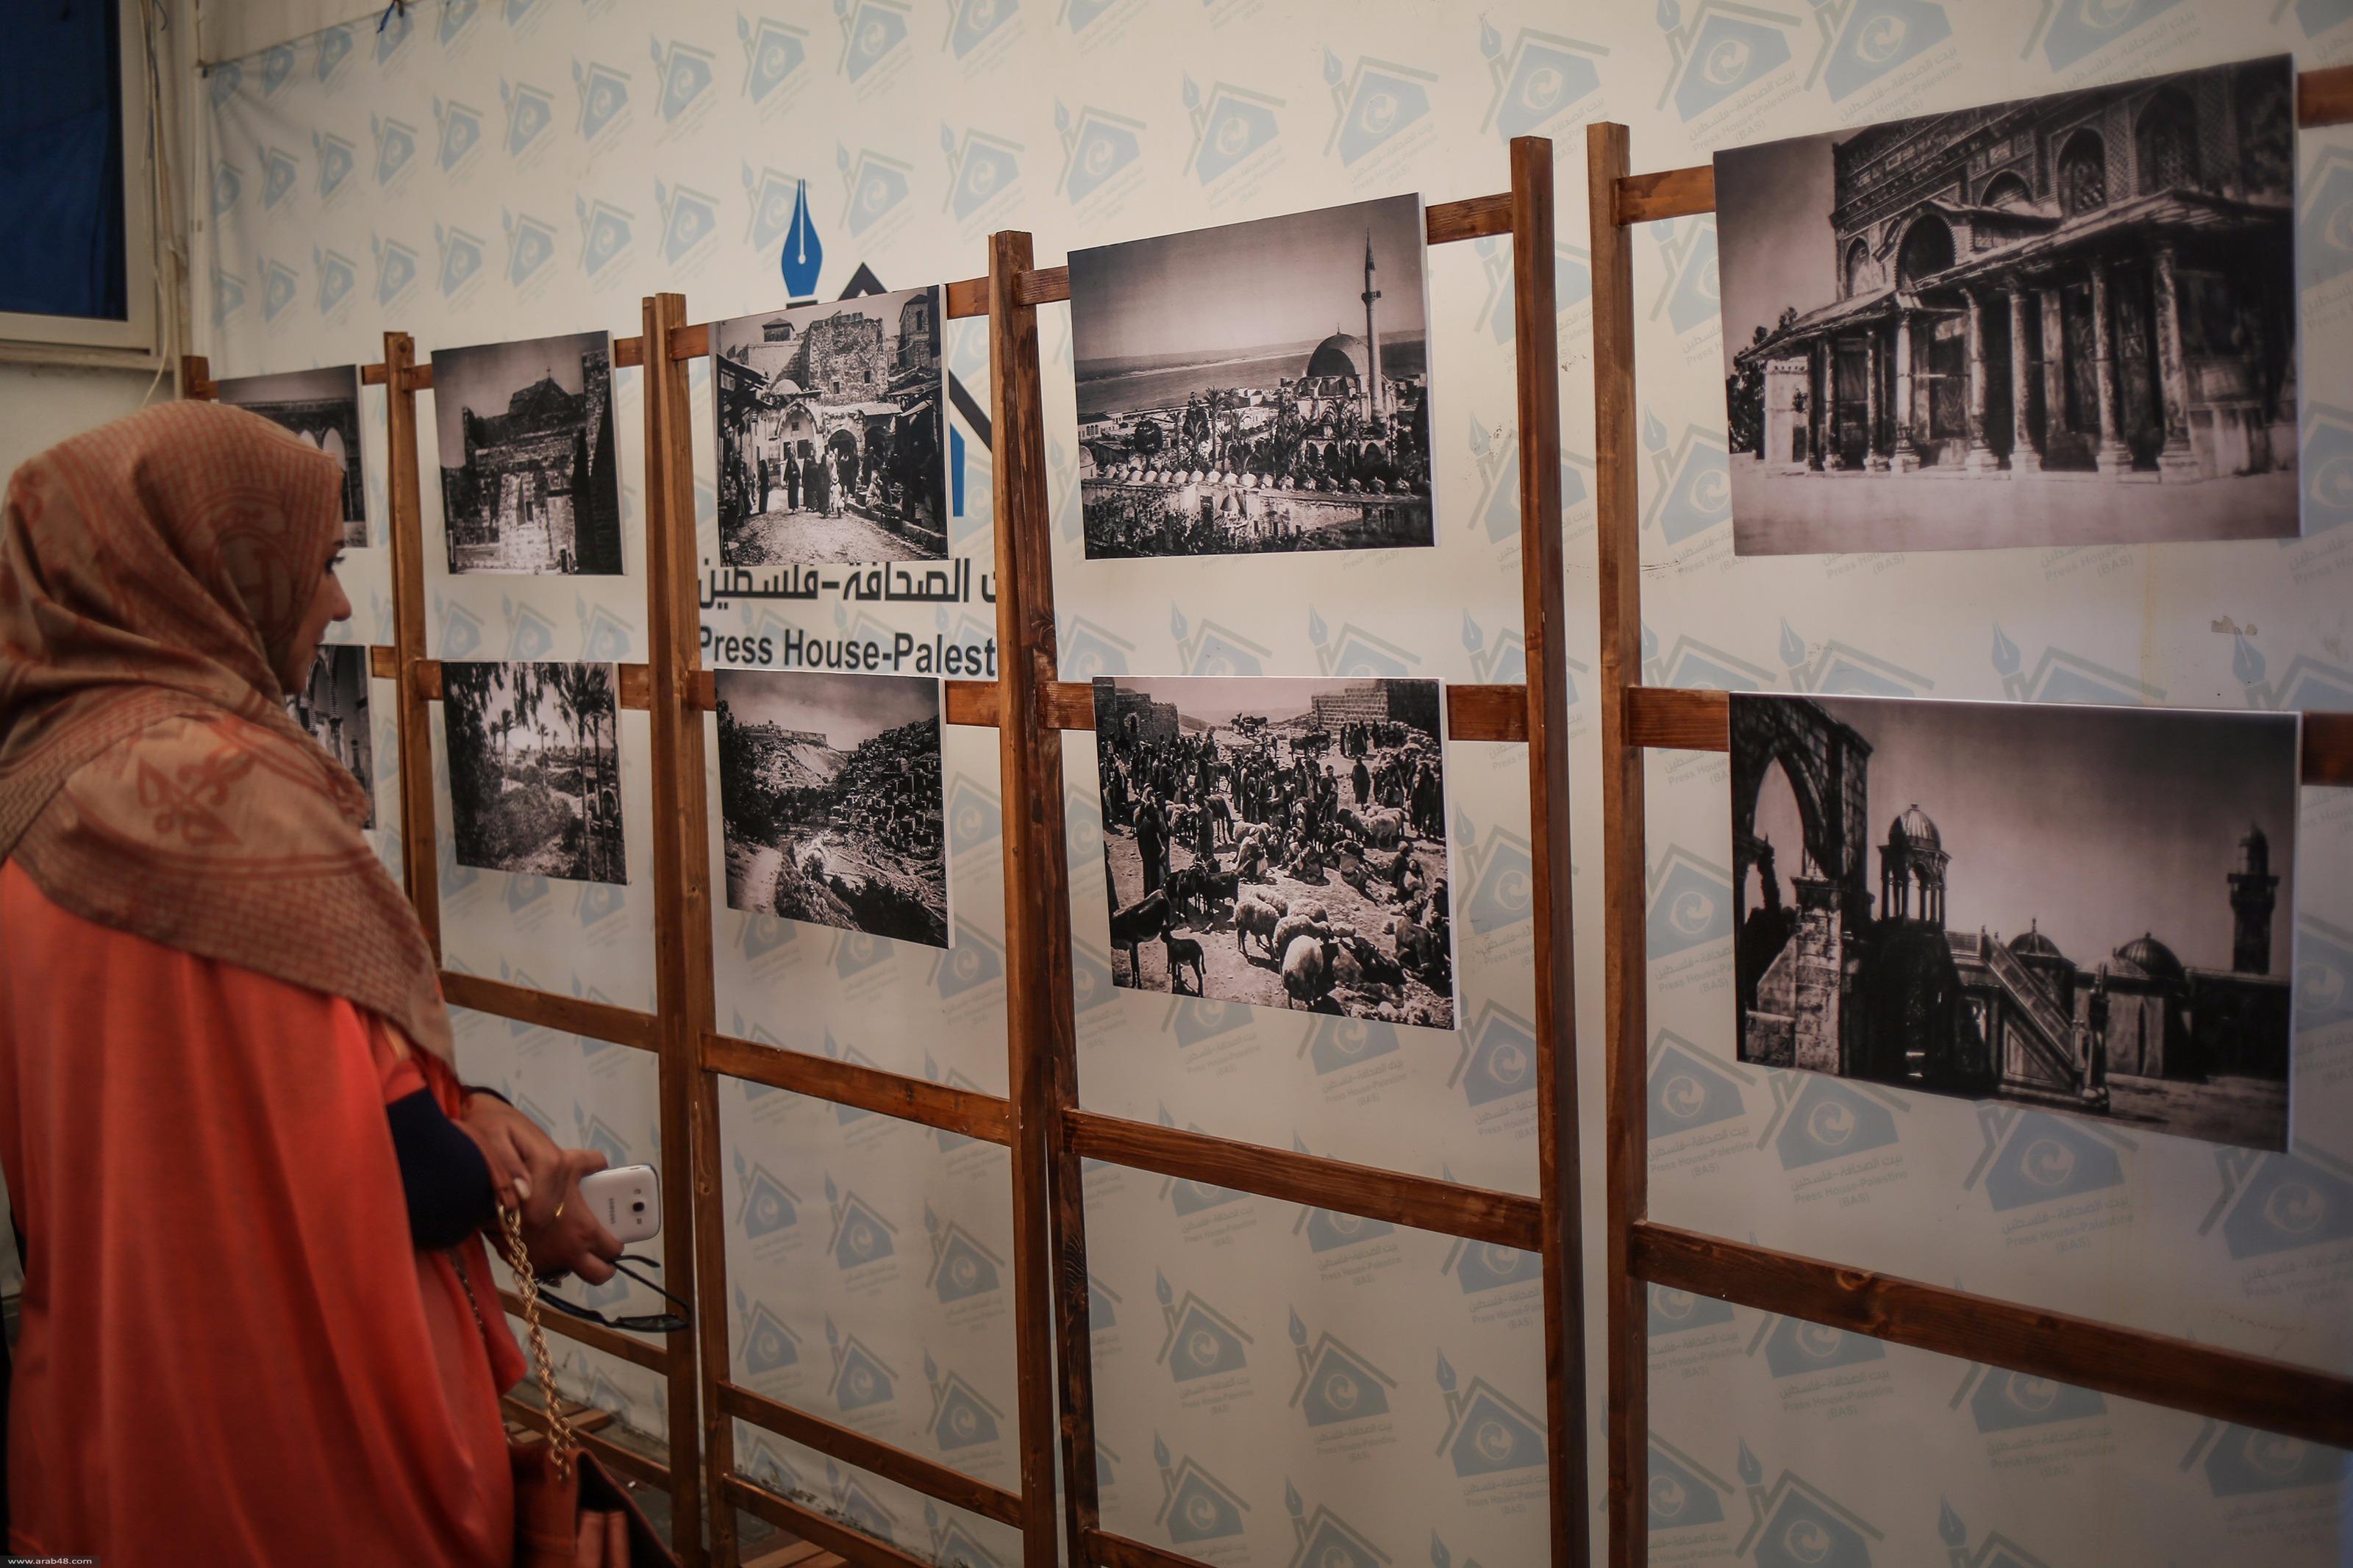 صور نادرة للقدس في معرض بغزة